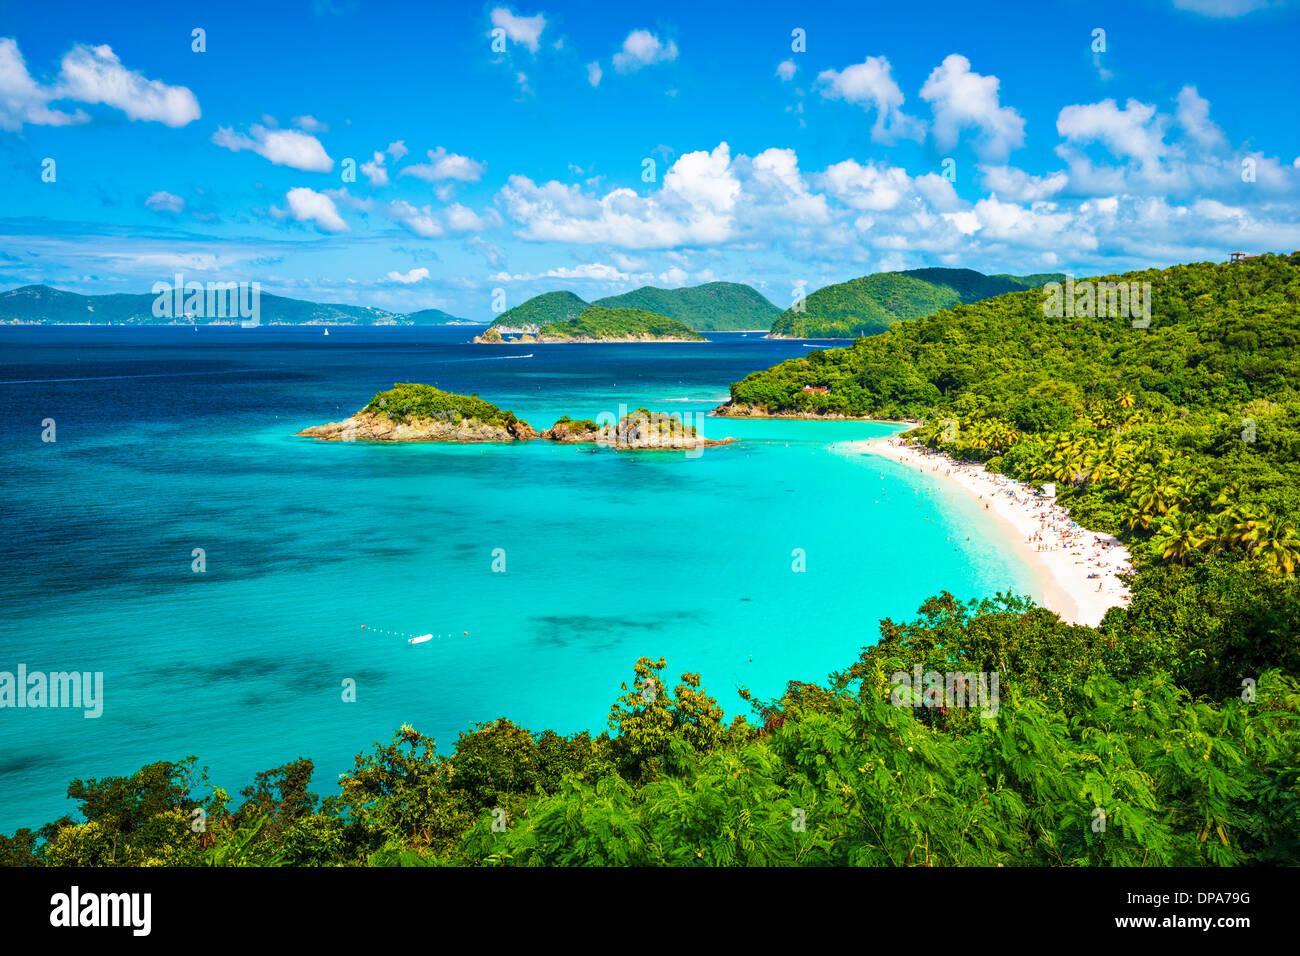 Bahía Trunk, St John, Islas Vírgenes de los Estados Unidos. Imagen De Stock